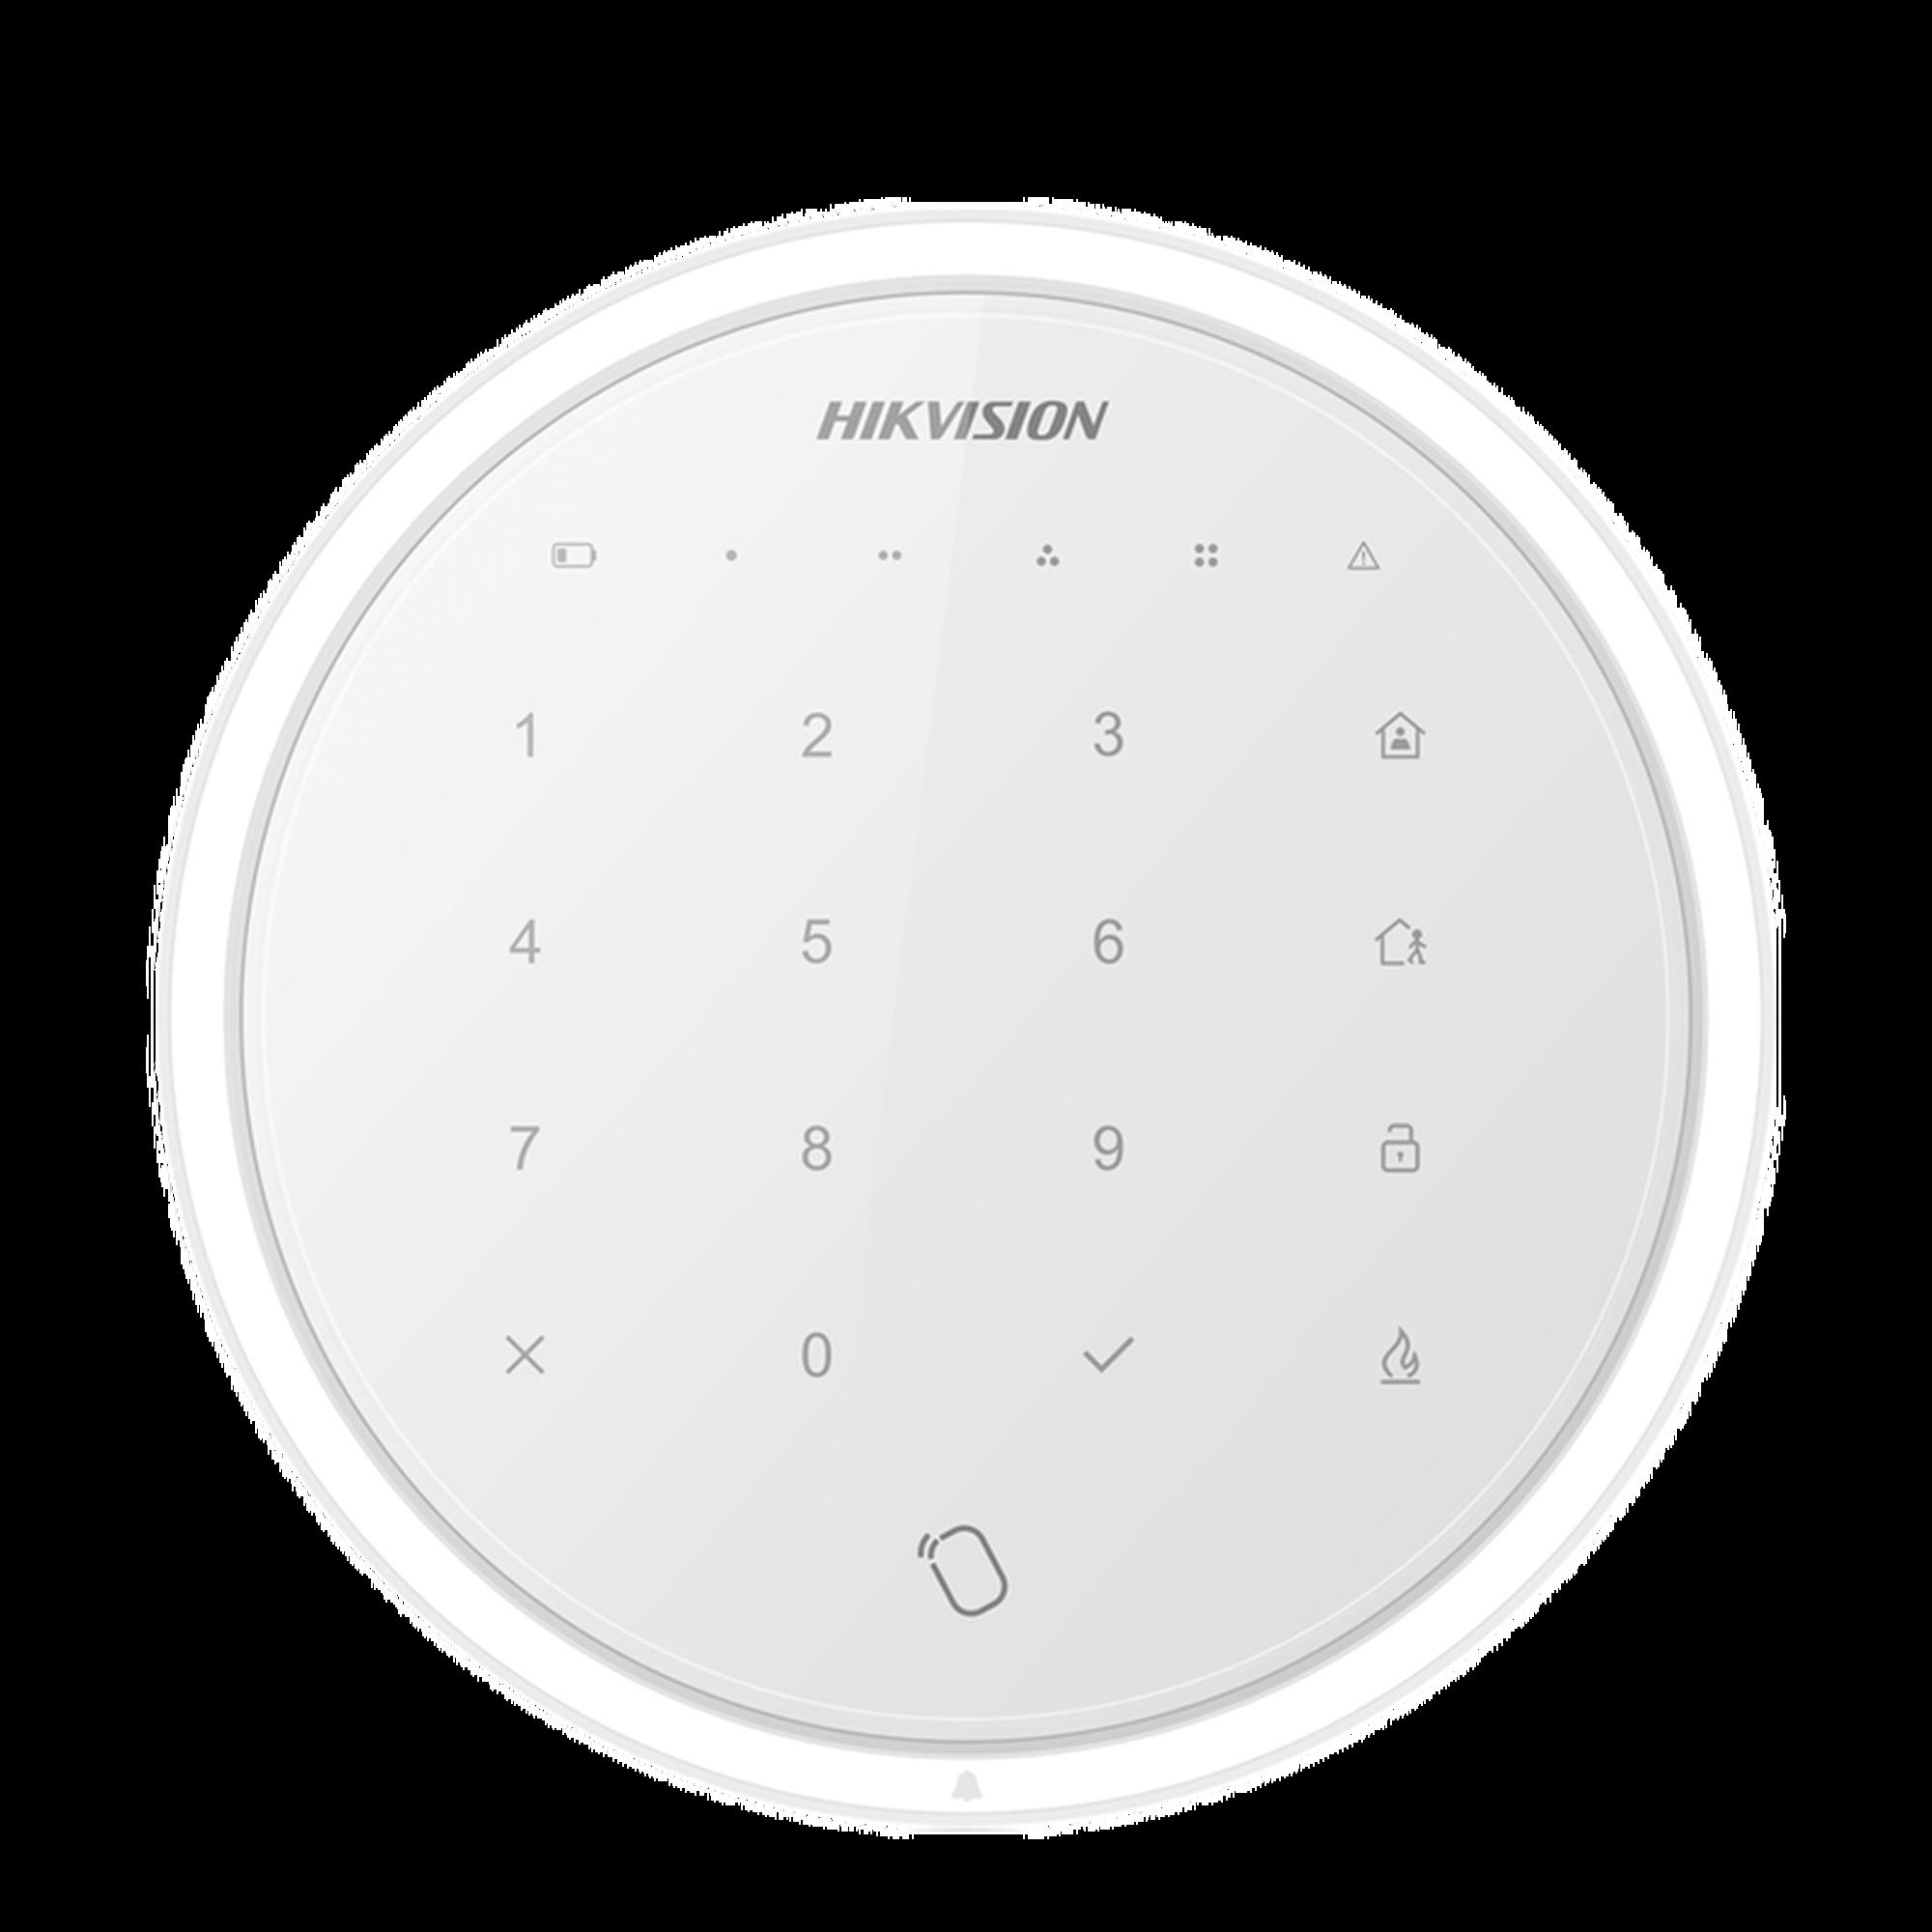 (AX HUB) Teclado Inalámbrico compatible con paneles de alarma inalámbricos de  HIKVISION